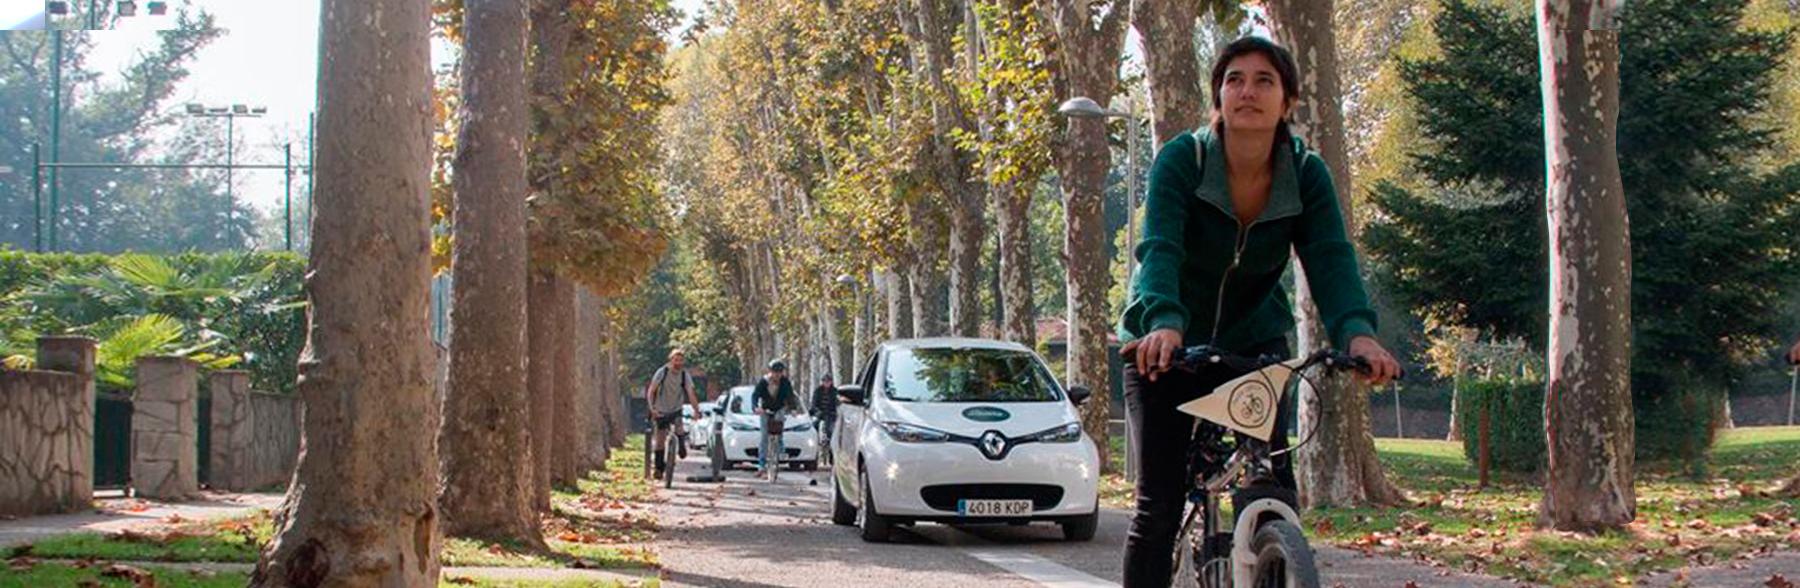 Mobilitat +sostenible